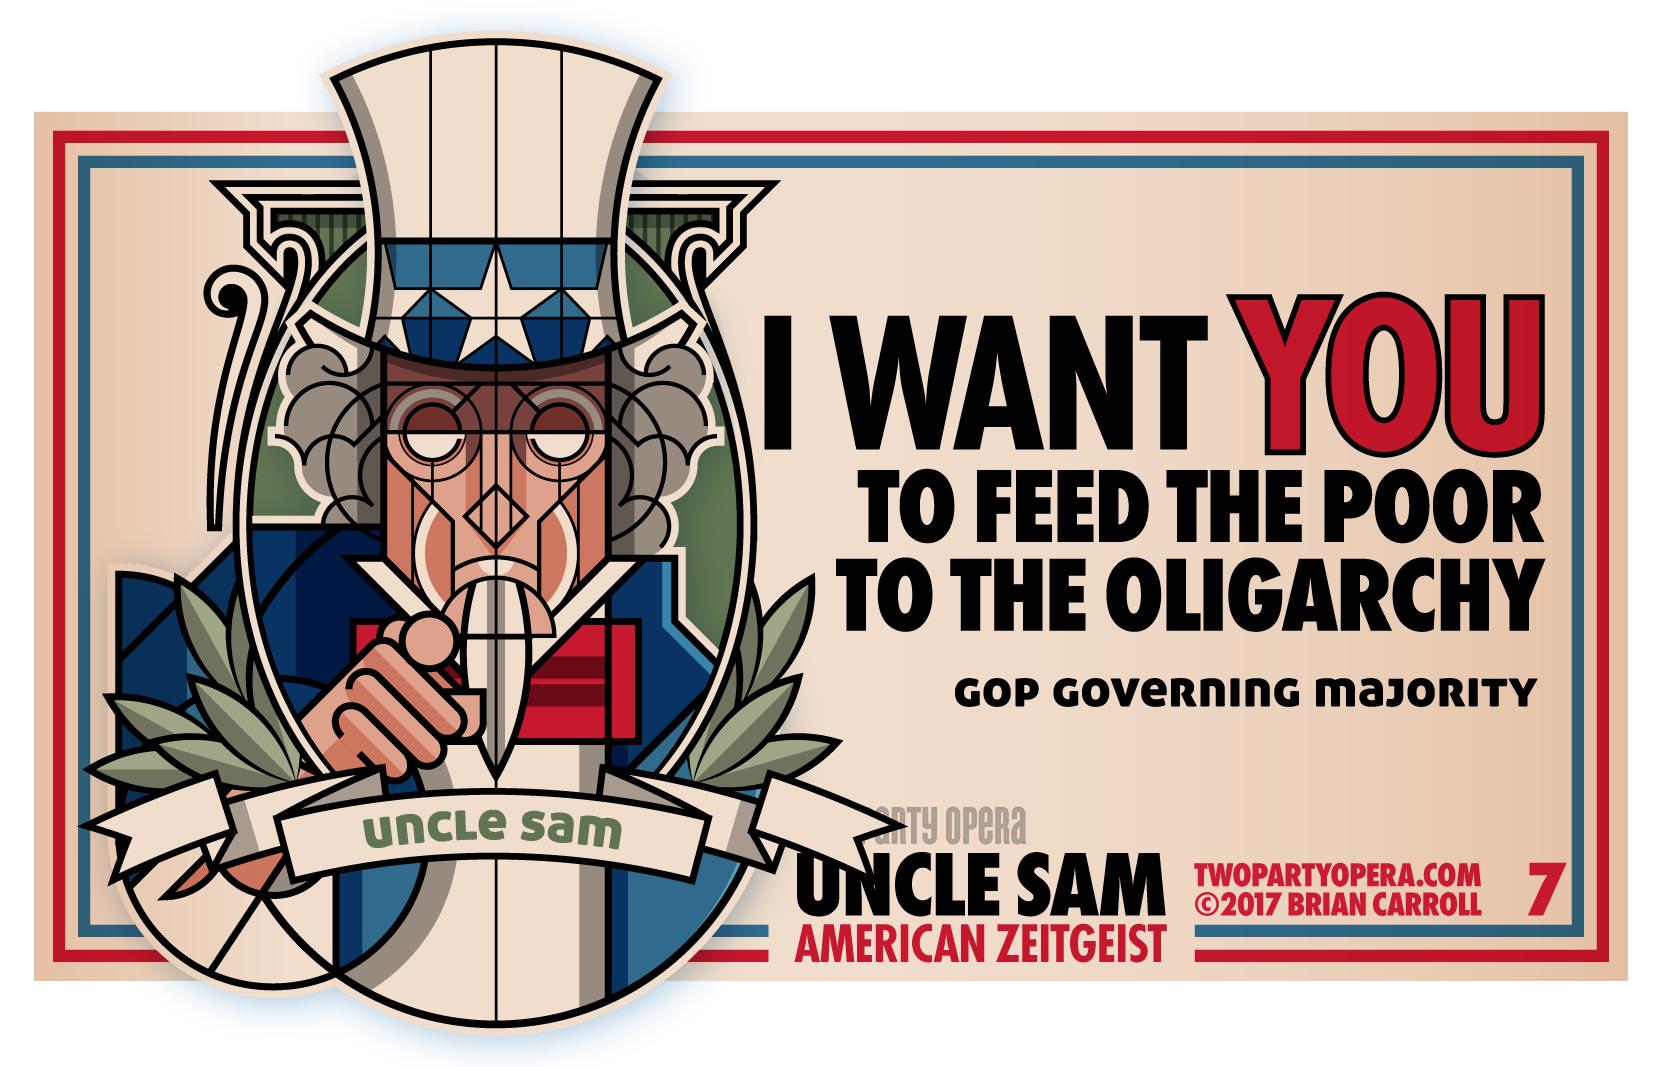 Uncle Sam: American Zeitgeist – 7